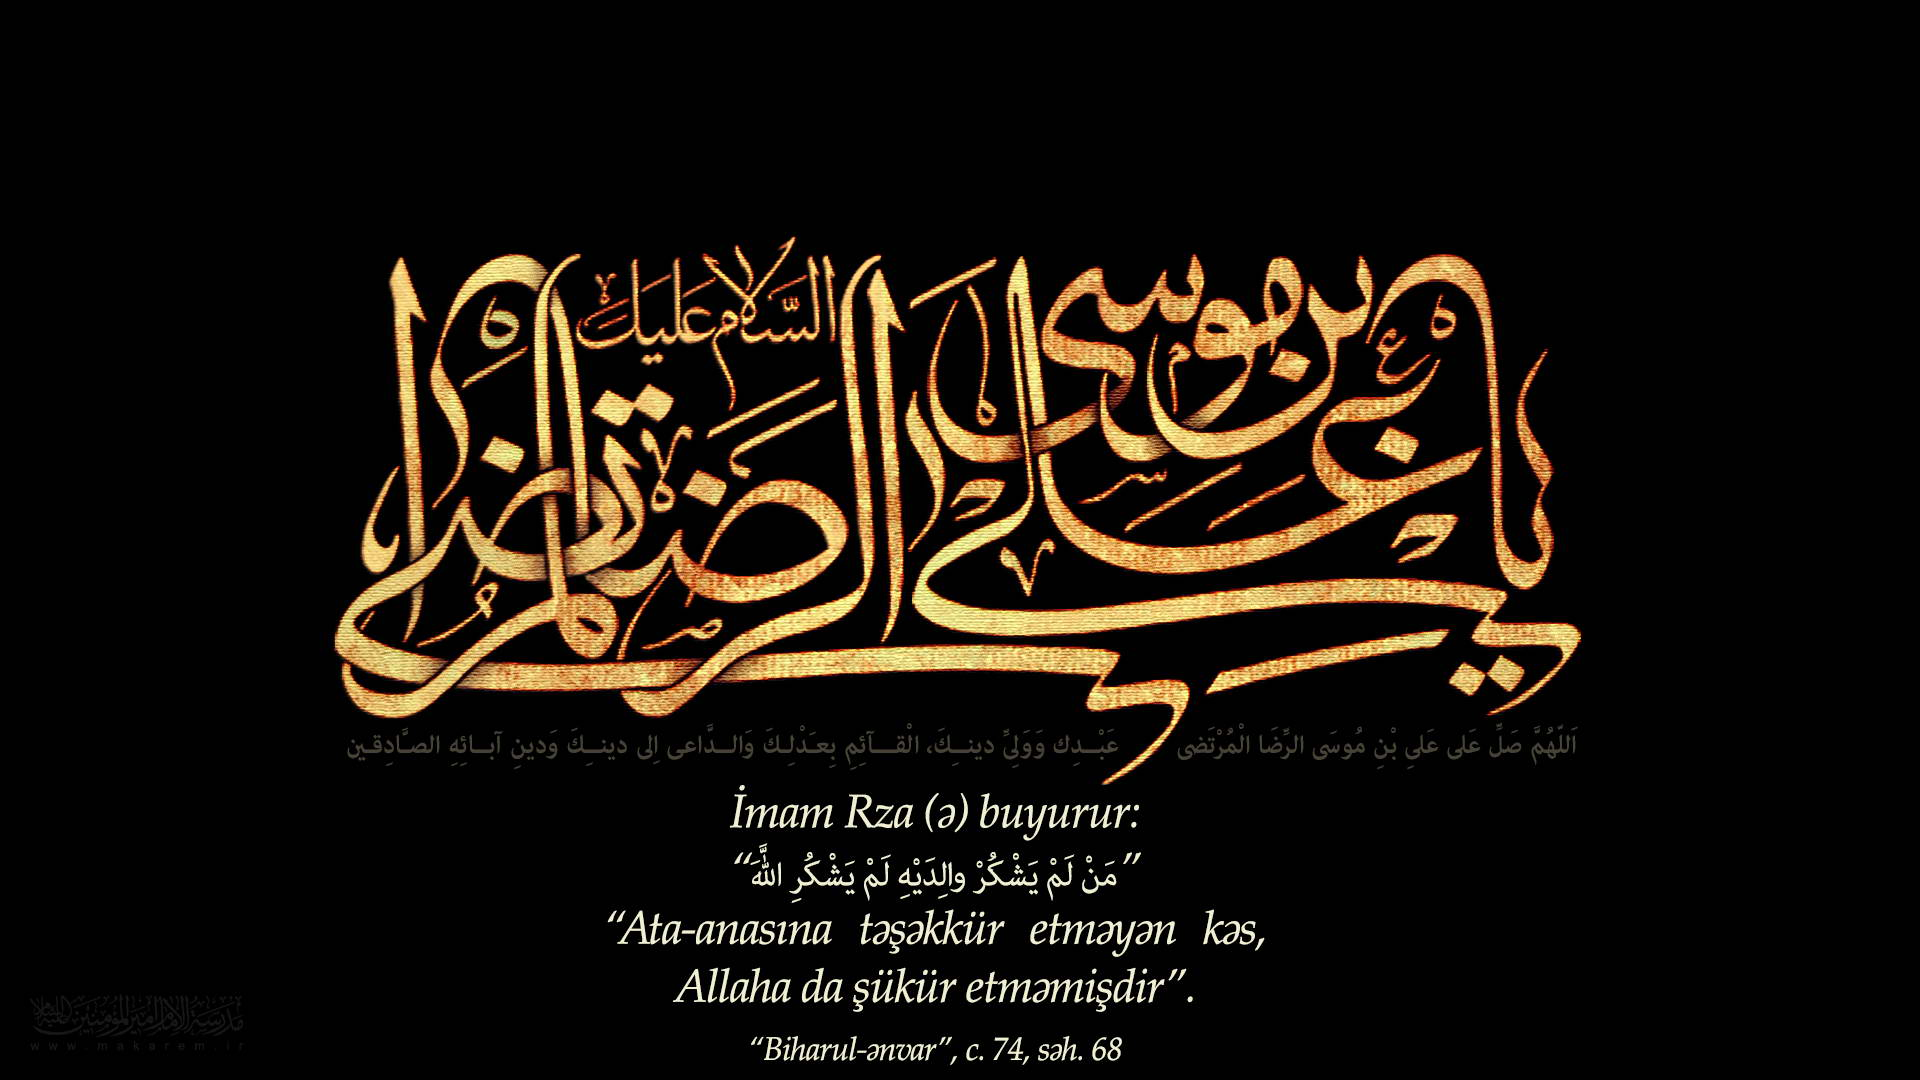 İmam Rza (ə) şəhadəti-02